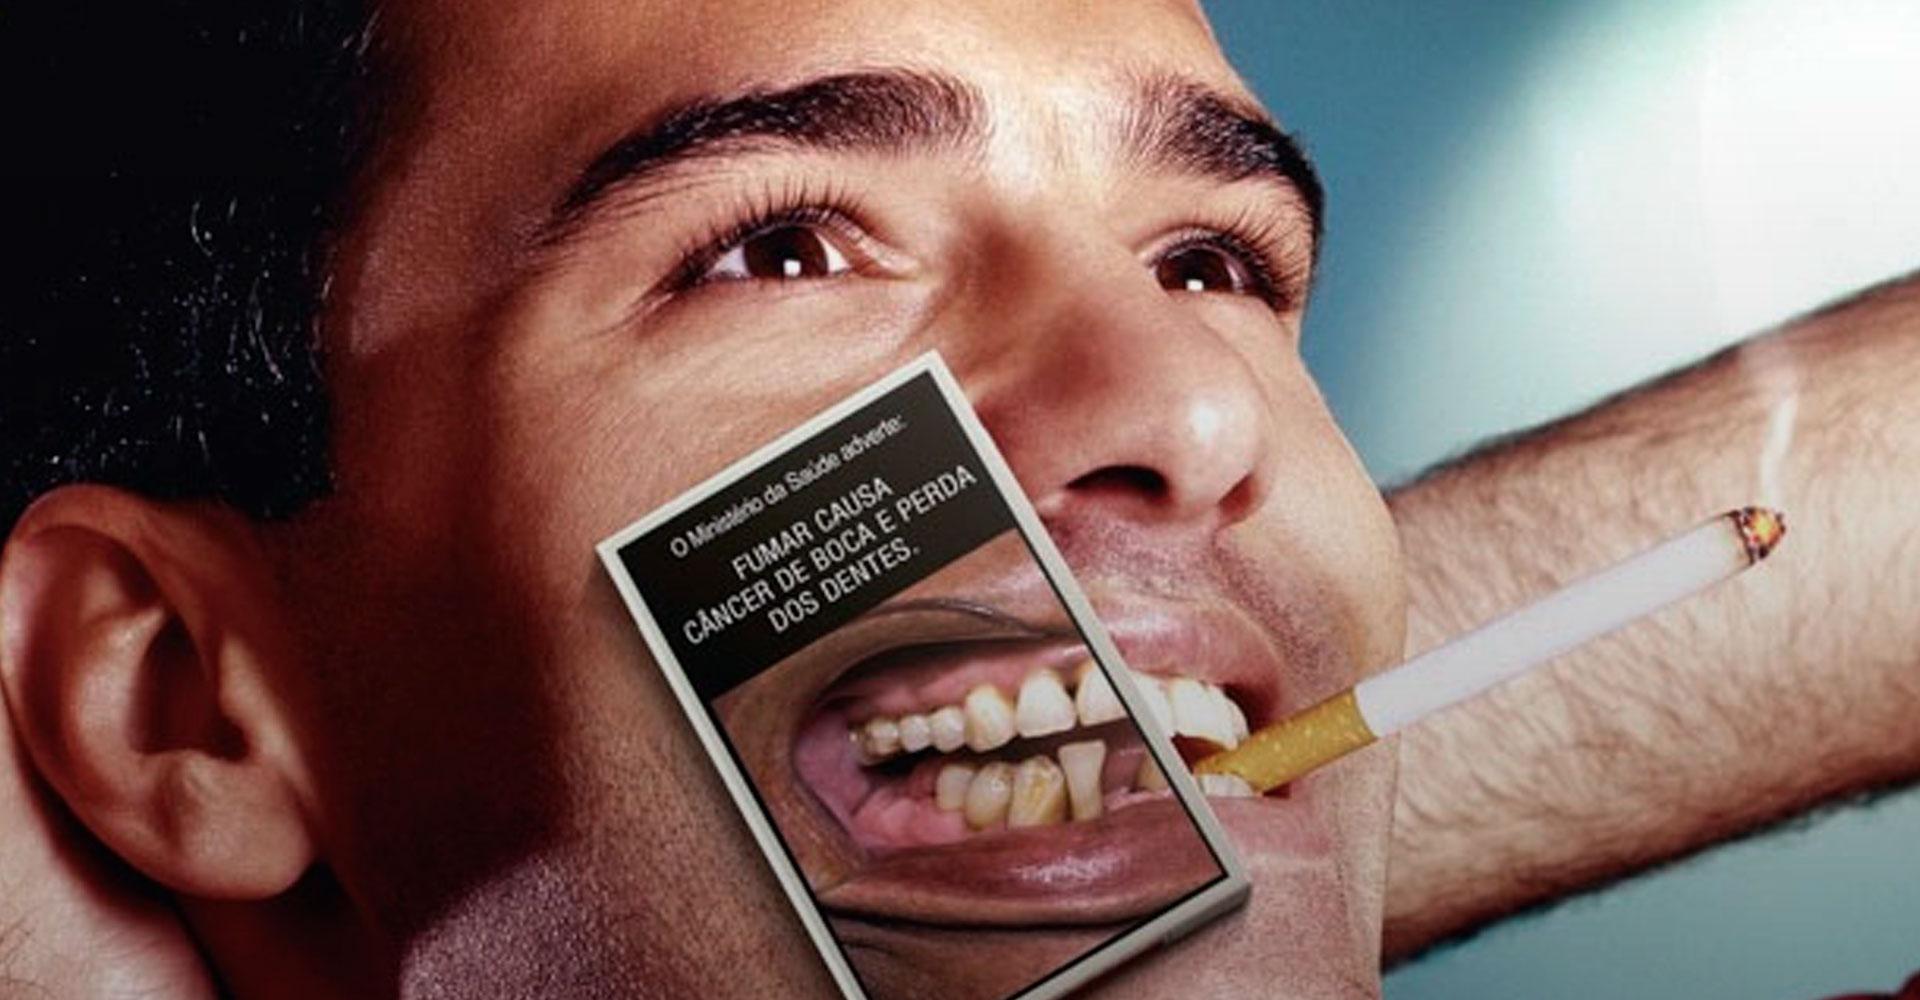 cigarro e dentes amarelados